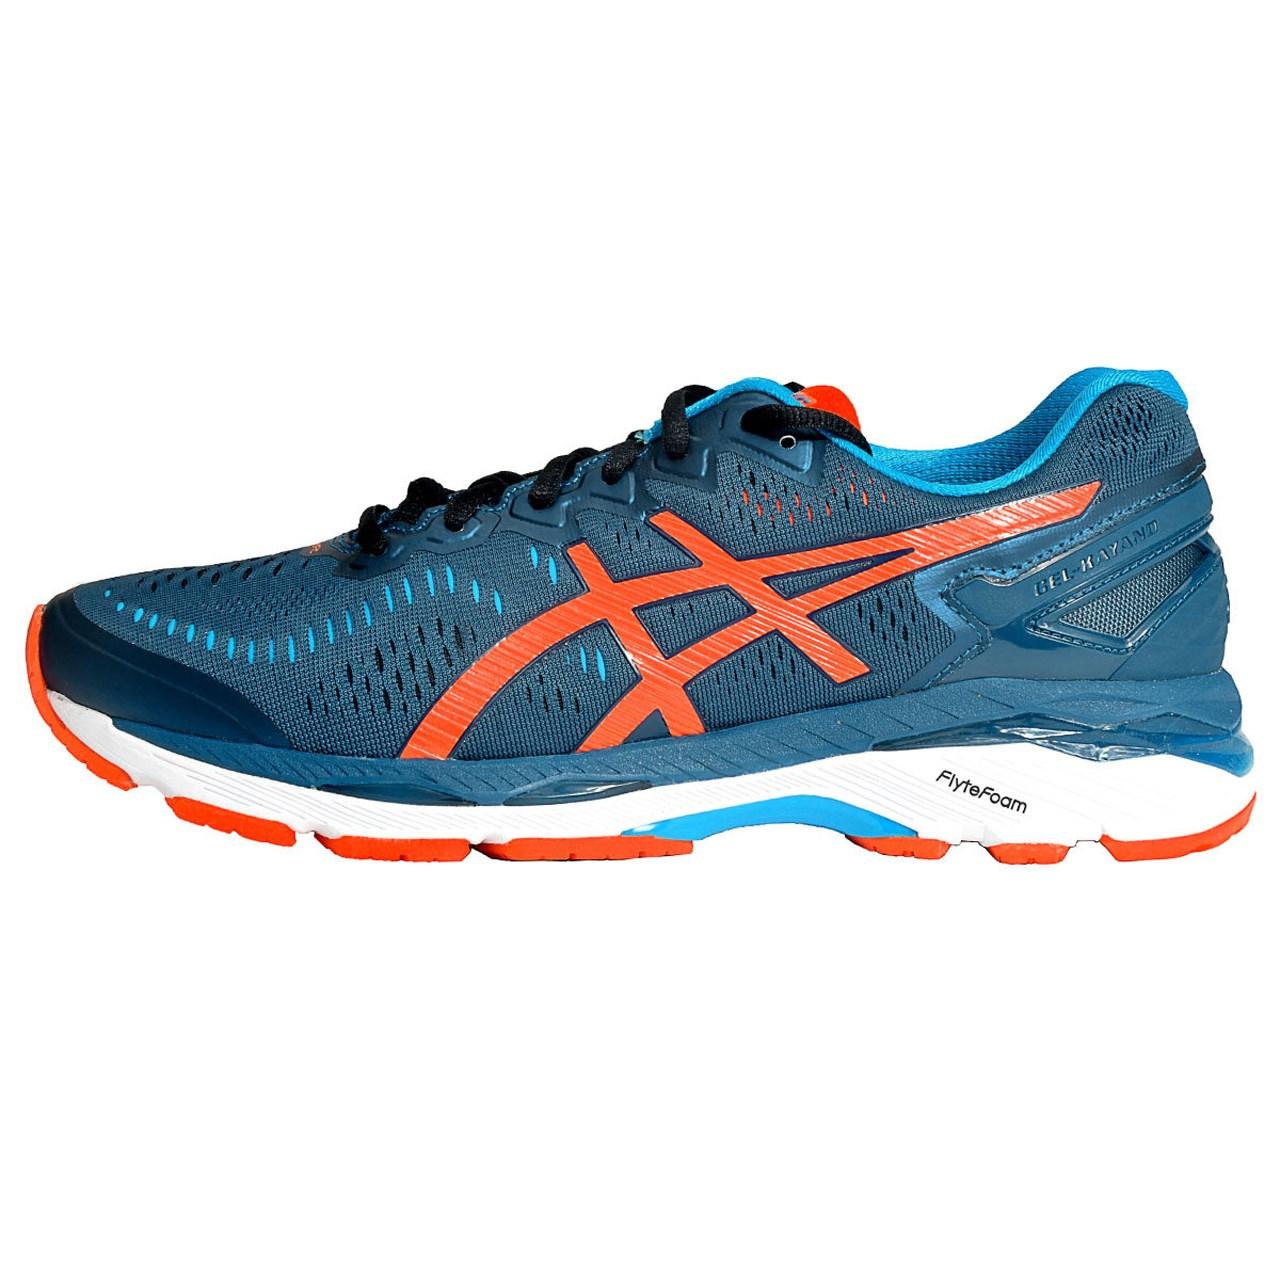 قیمت کفش ورزشی مردانه مخصوص دویدن و پیاده روی مدل Gel kayano 23